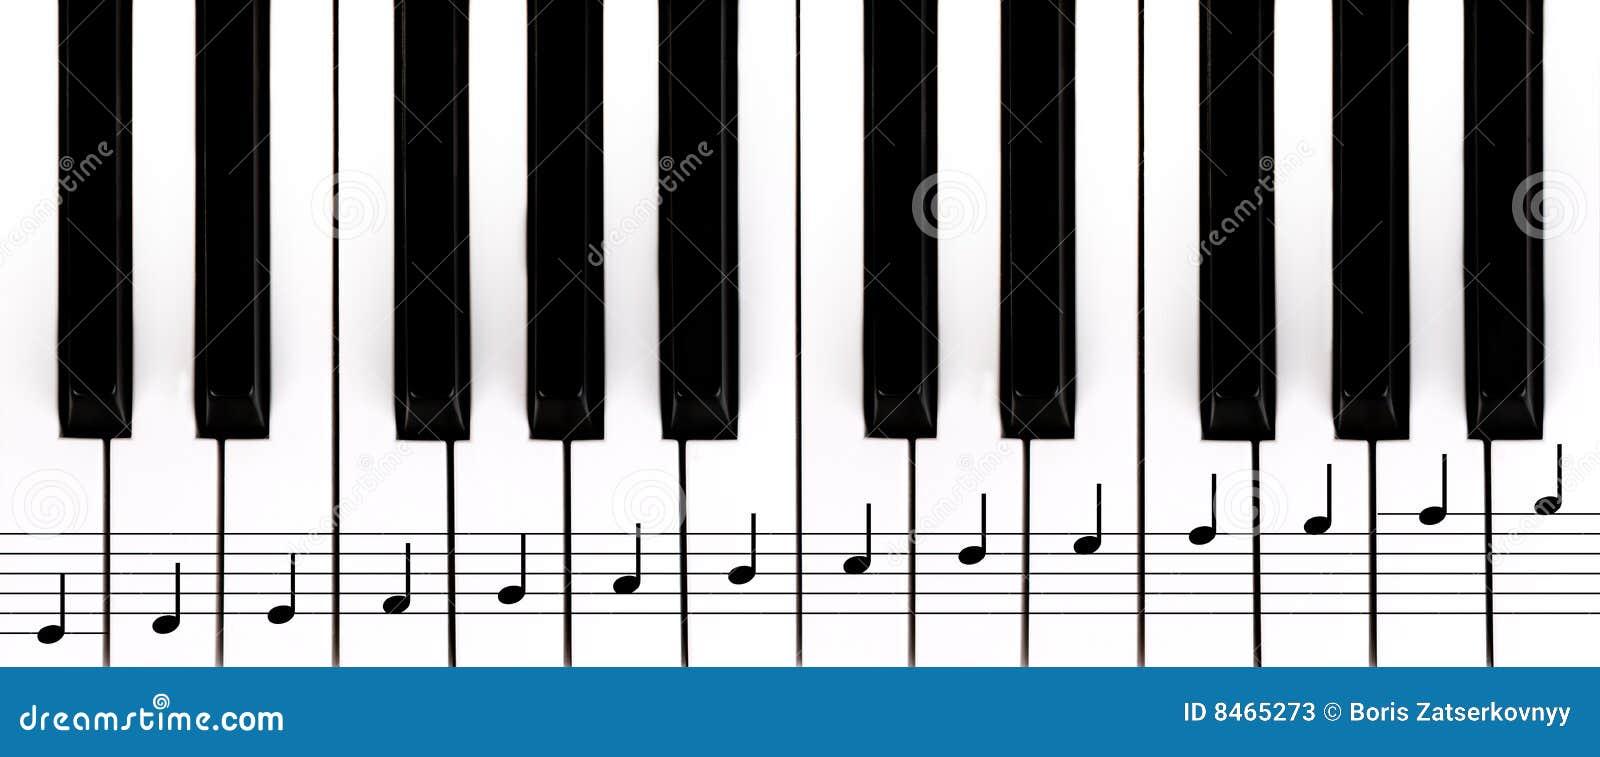 Keys pianopersonalen